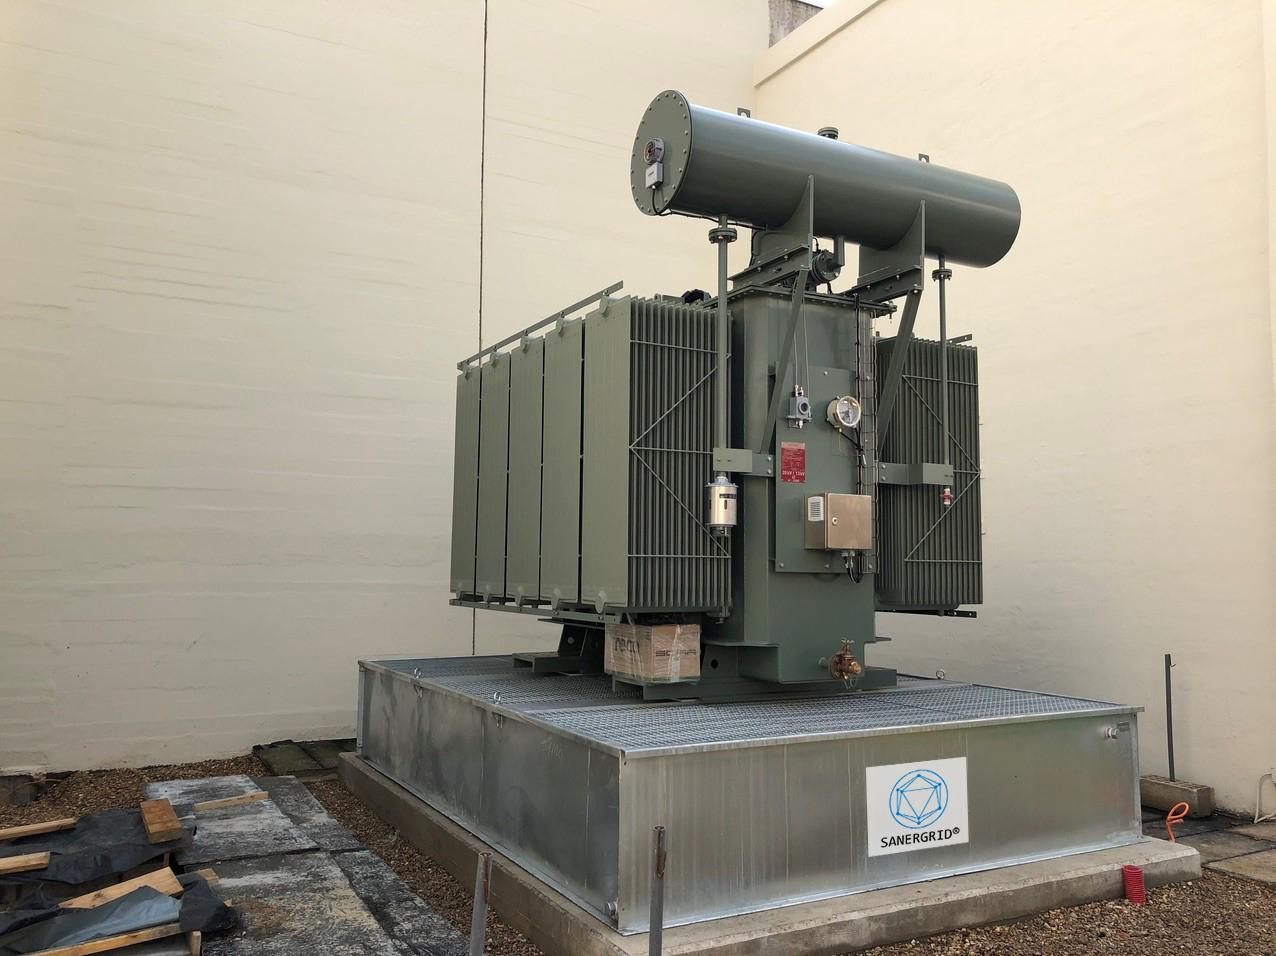 ERT bac de rétention anti feu pour transformateur avec système de filtration SPI de Sanergrid